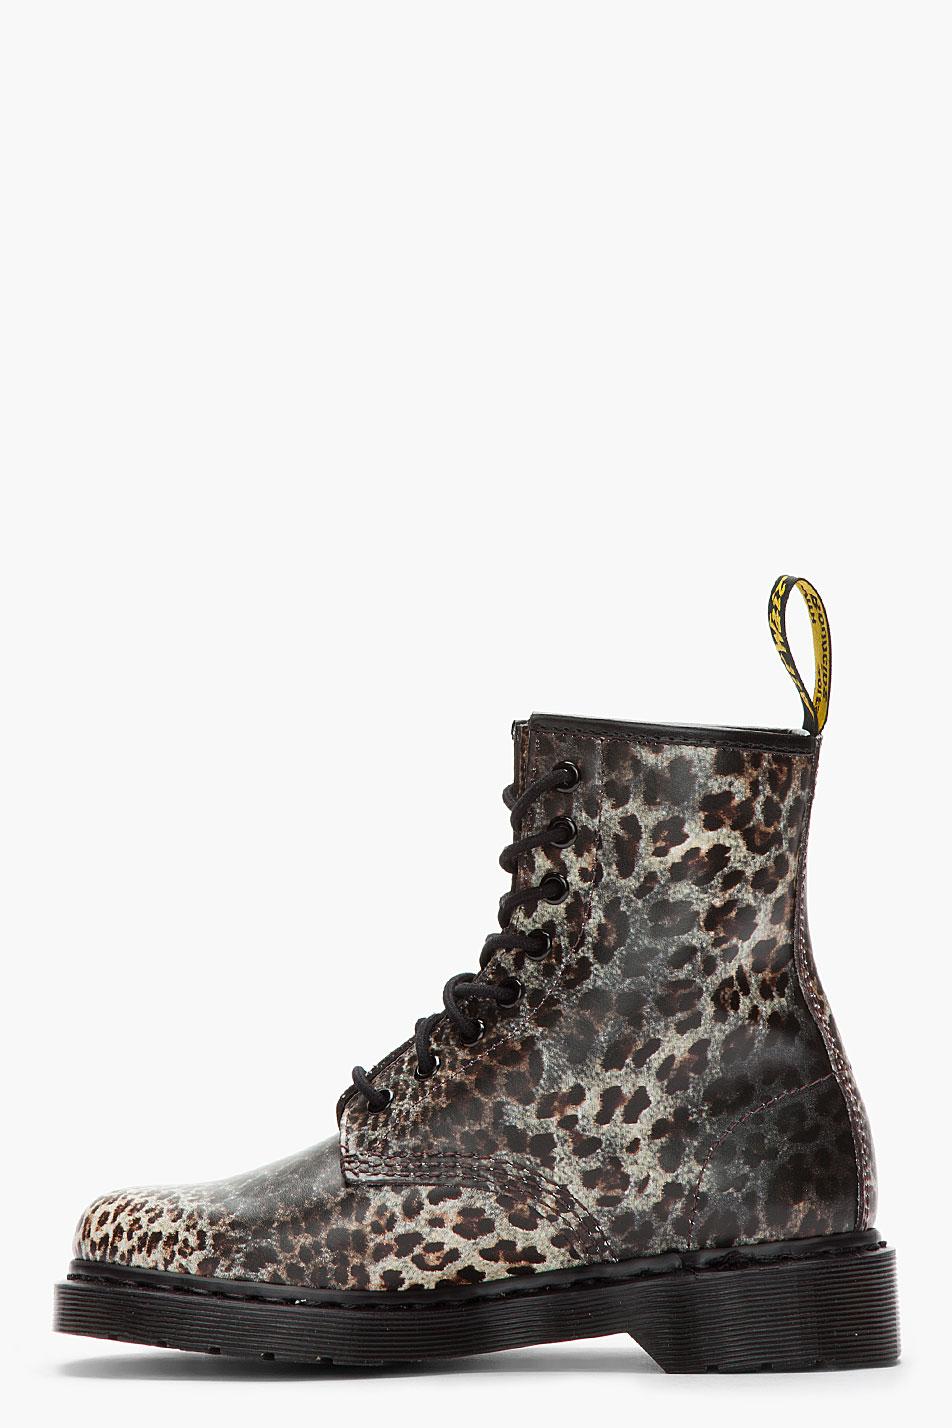 Clarks Leopard Print Shoes